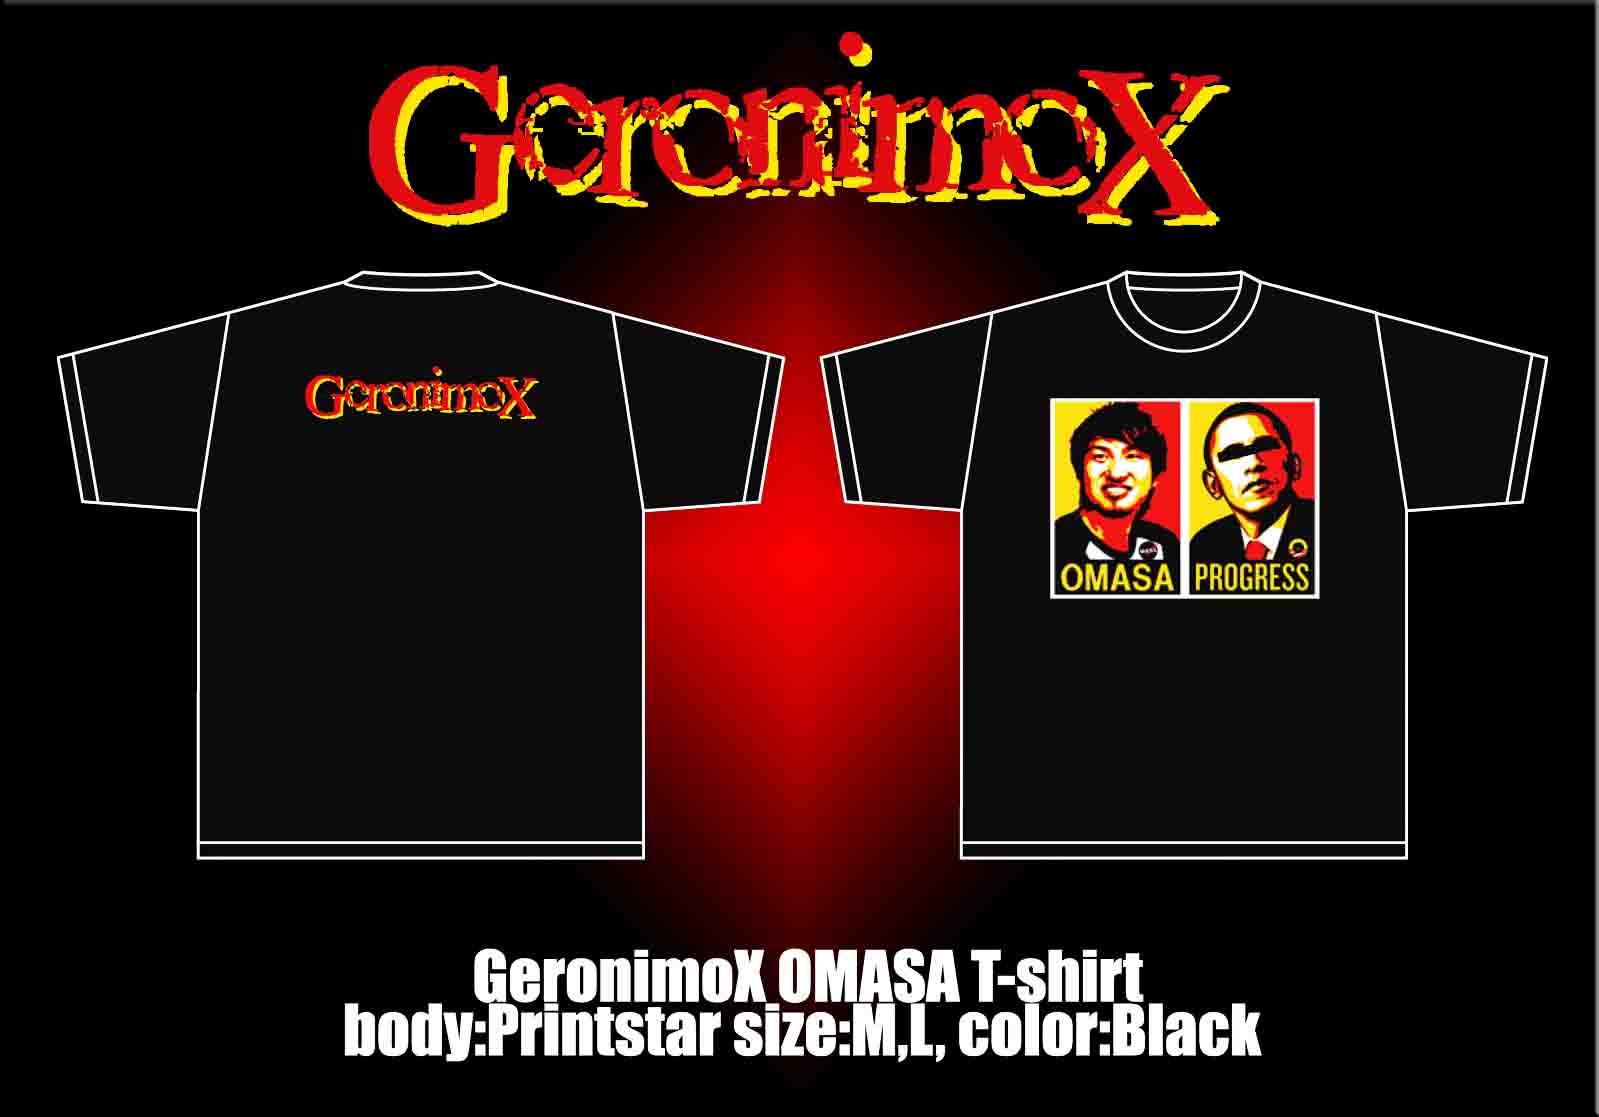 オバマ的Tシャツ_b0177480_21151752.jpg